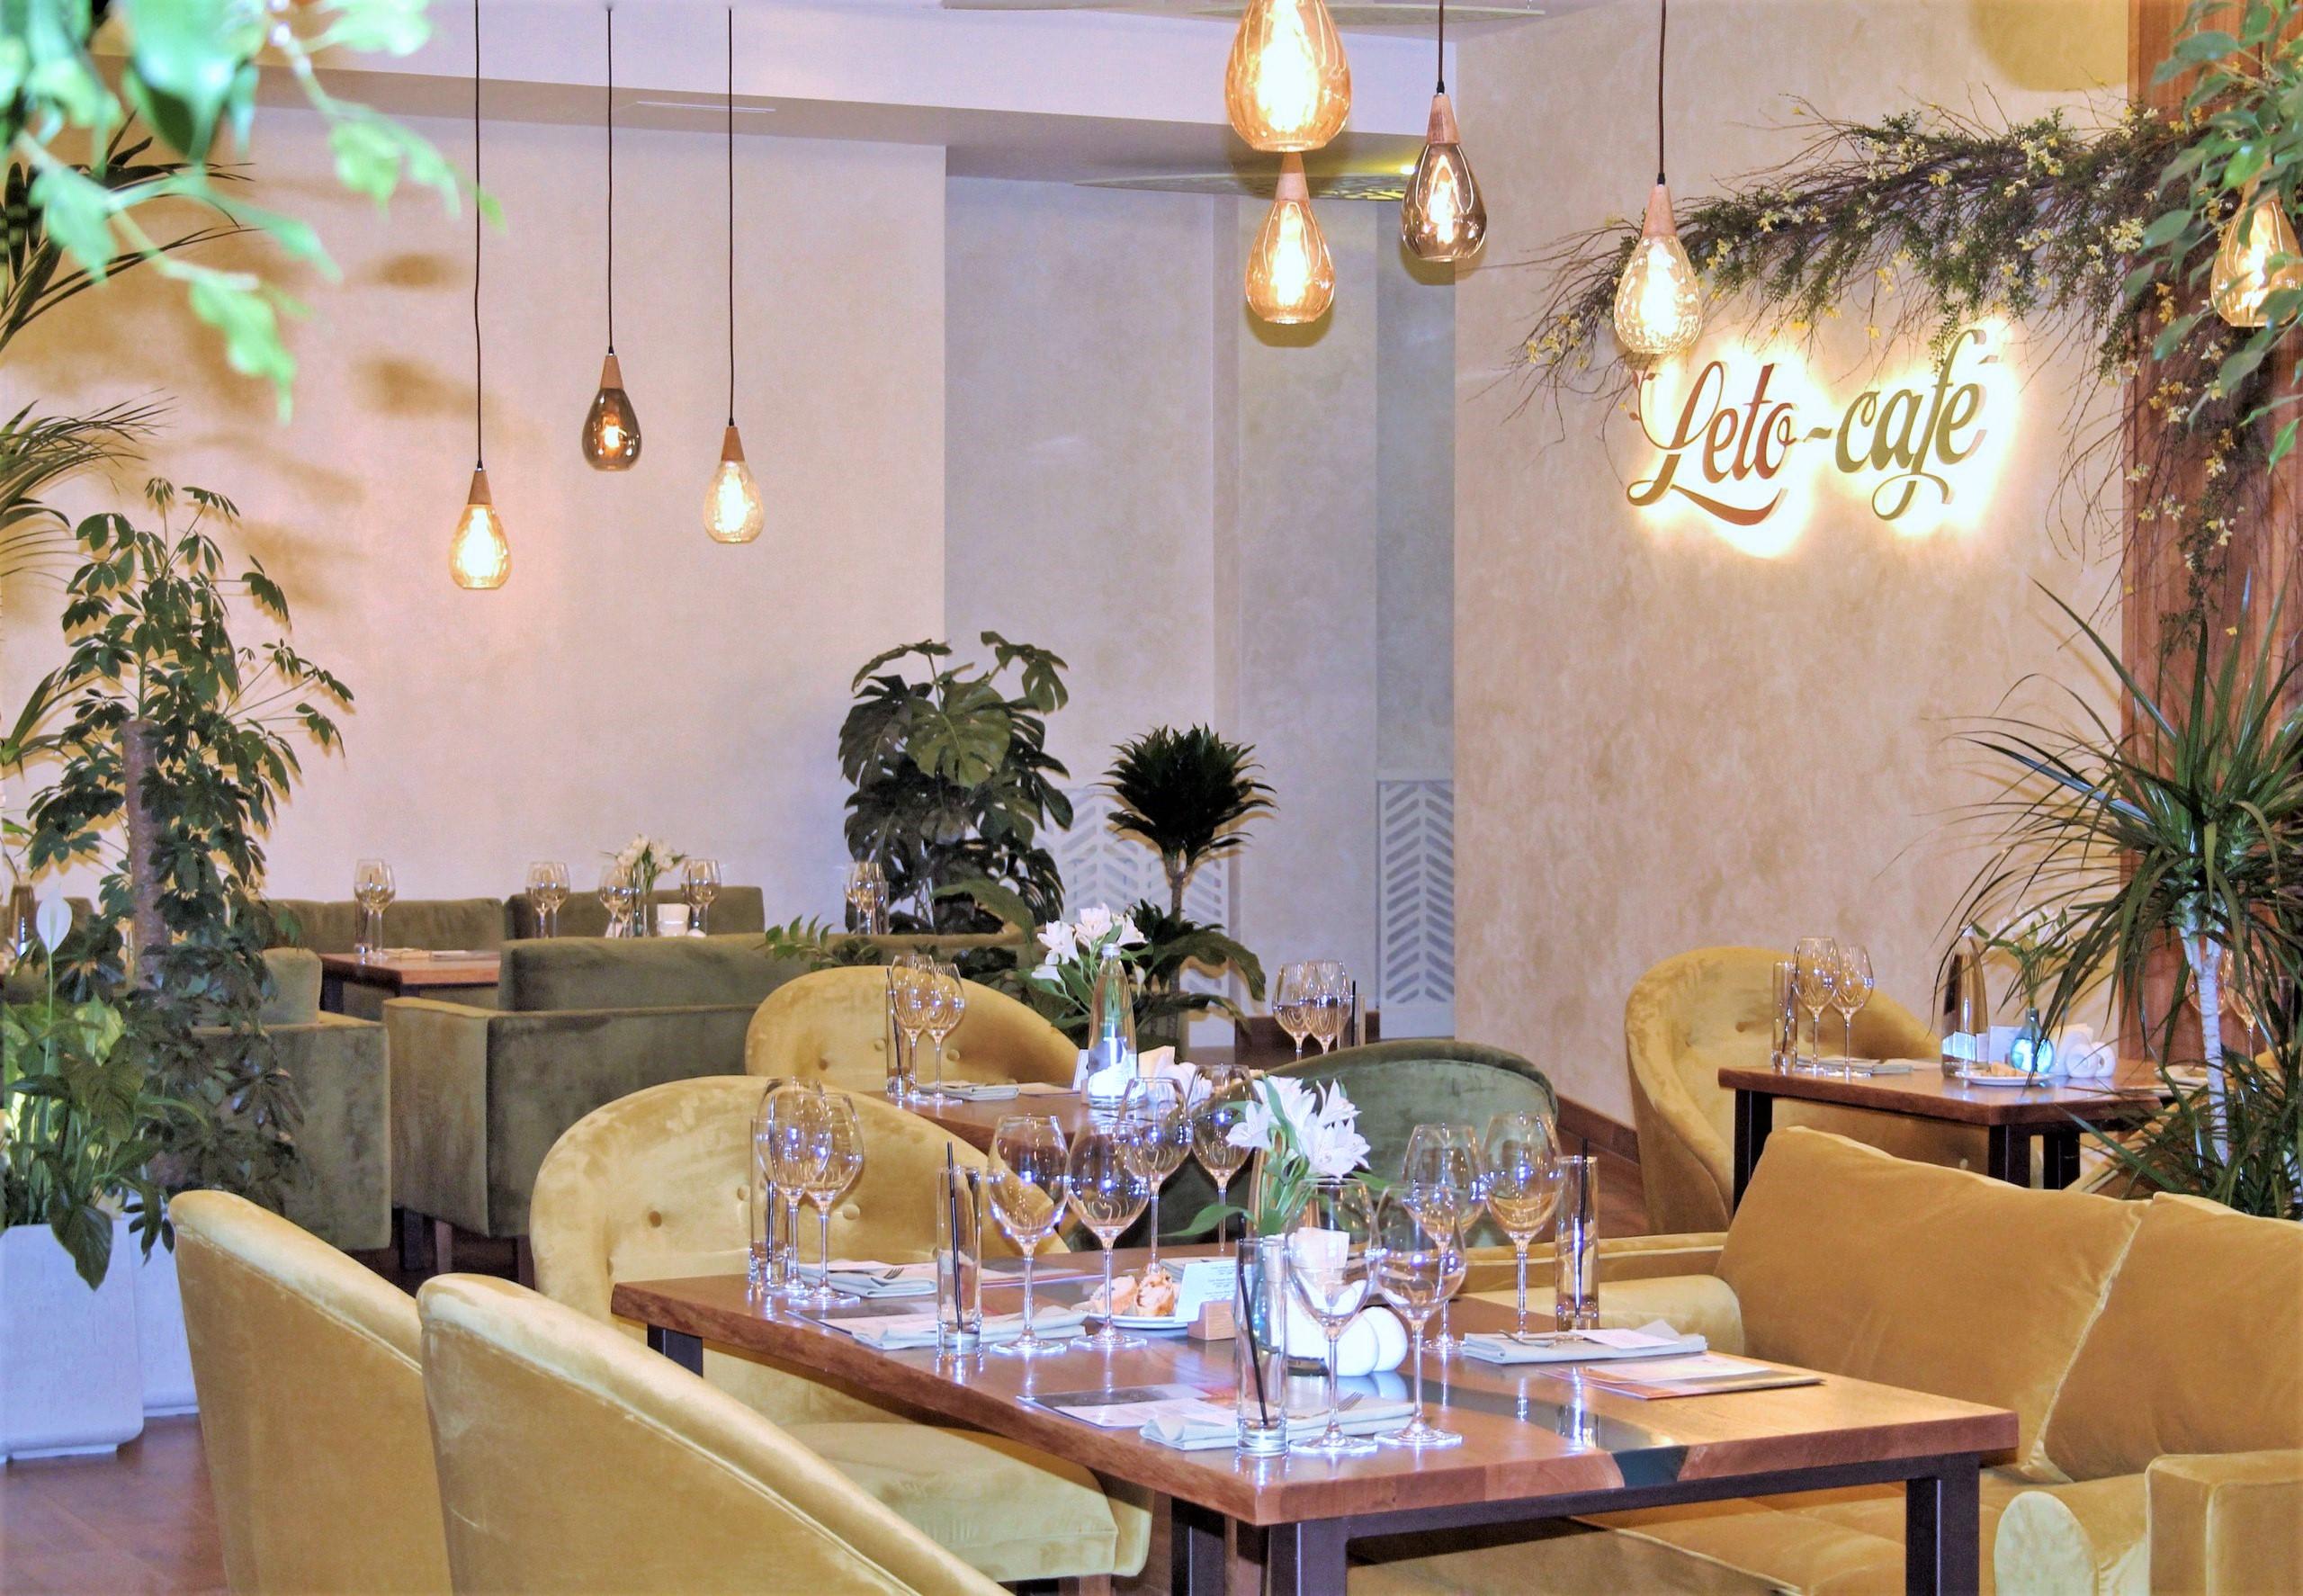 Leto-café в Новосибирске